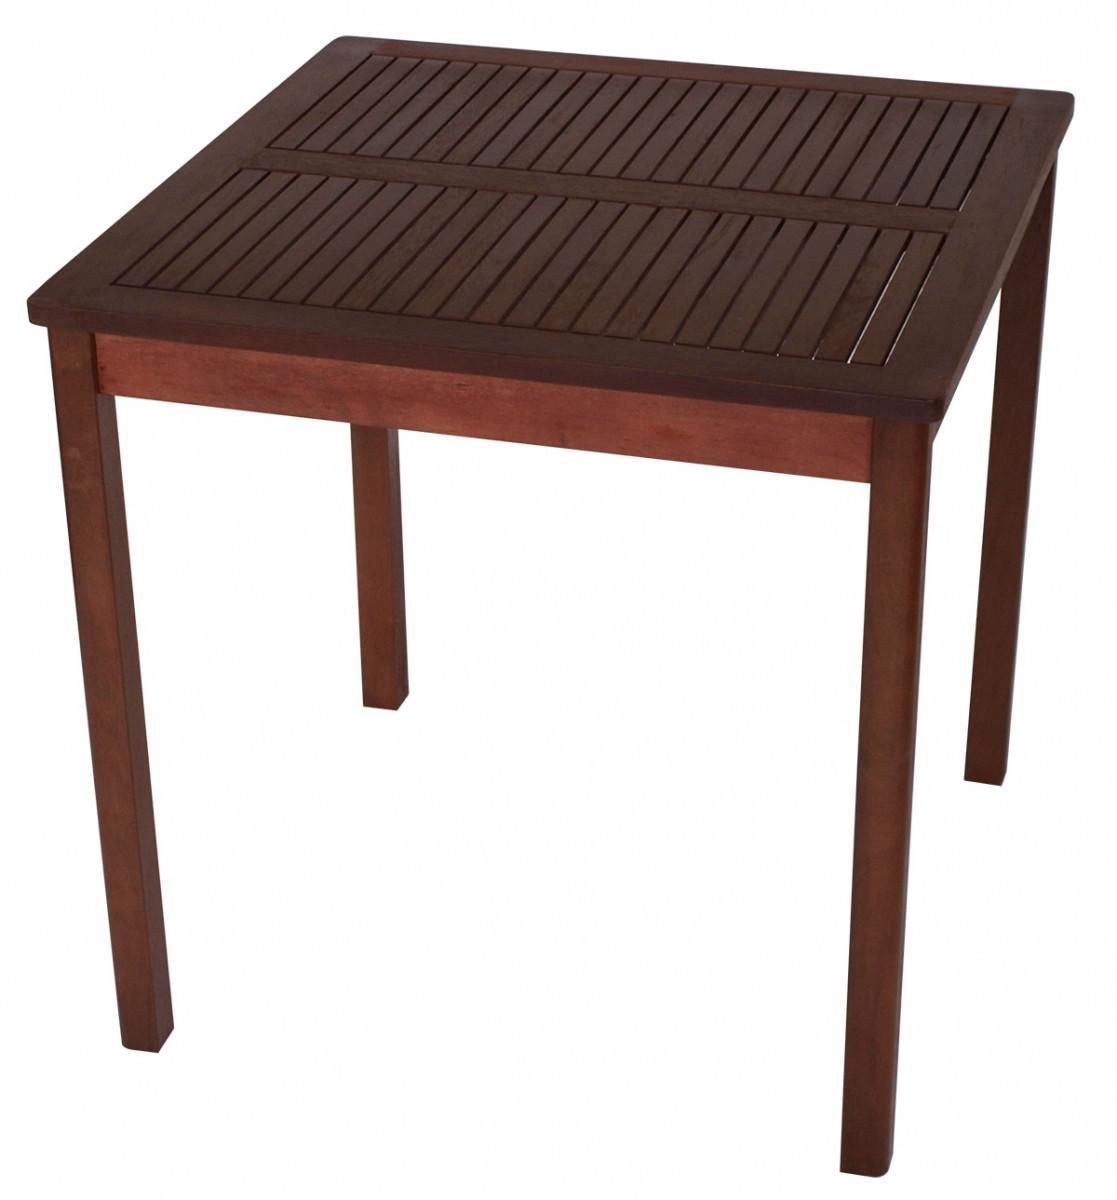 Gartentisch Holztisch Gartenmobel 70x70 Garten Esstisch Tisch